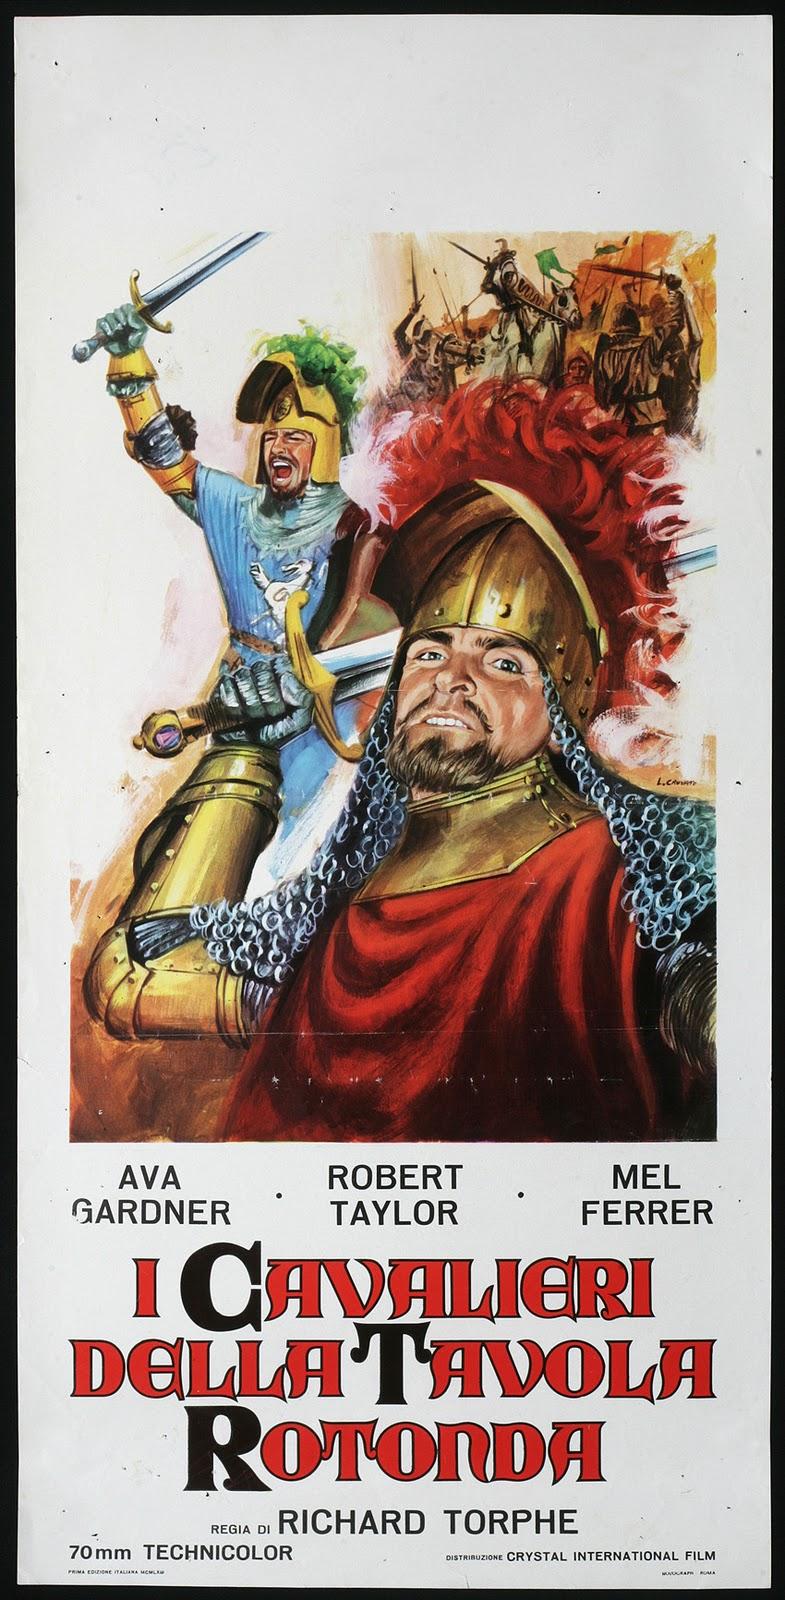 Passione super 8 i cavalieri della tavola rotonda 1953 - Tutti i cavalieri della tavola rotonda ...